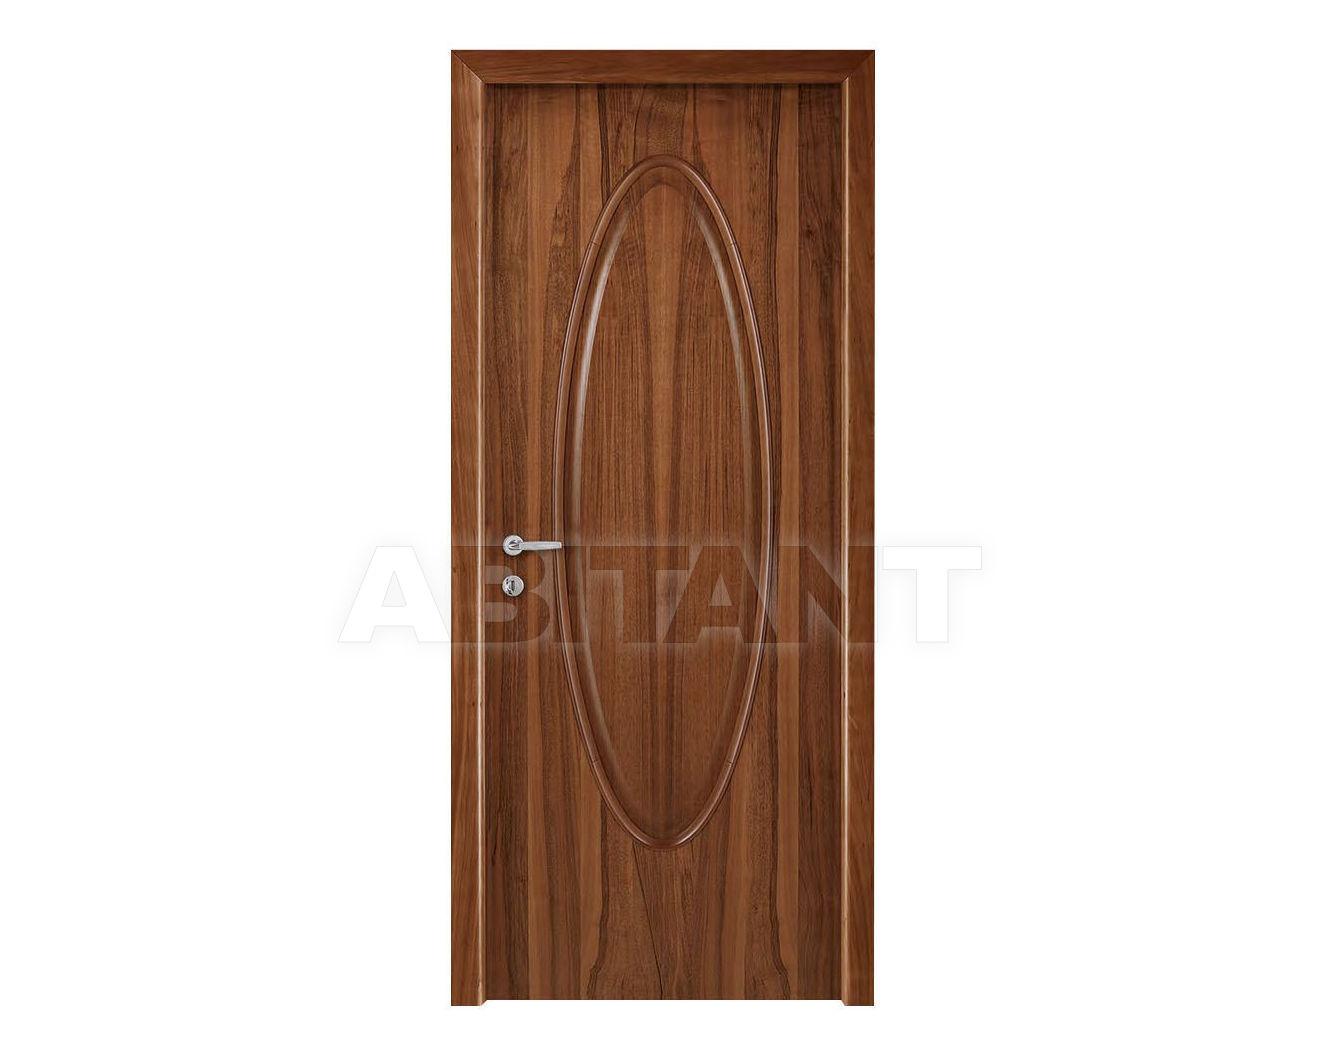 Купить Дверь деревянная Fioravazzi Classiche ELLISSE CIECA